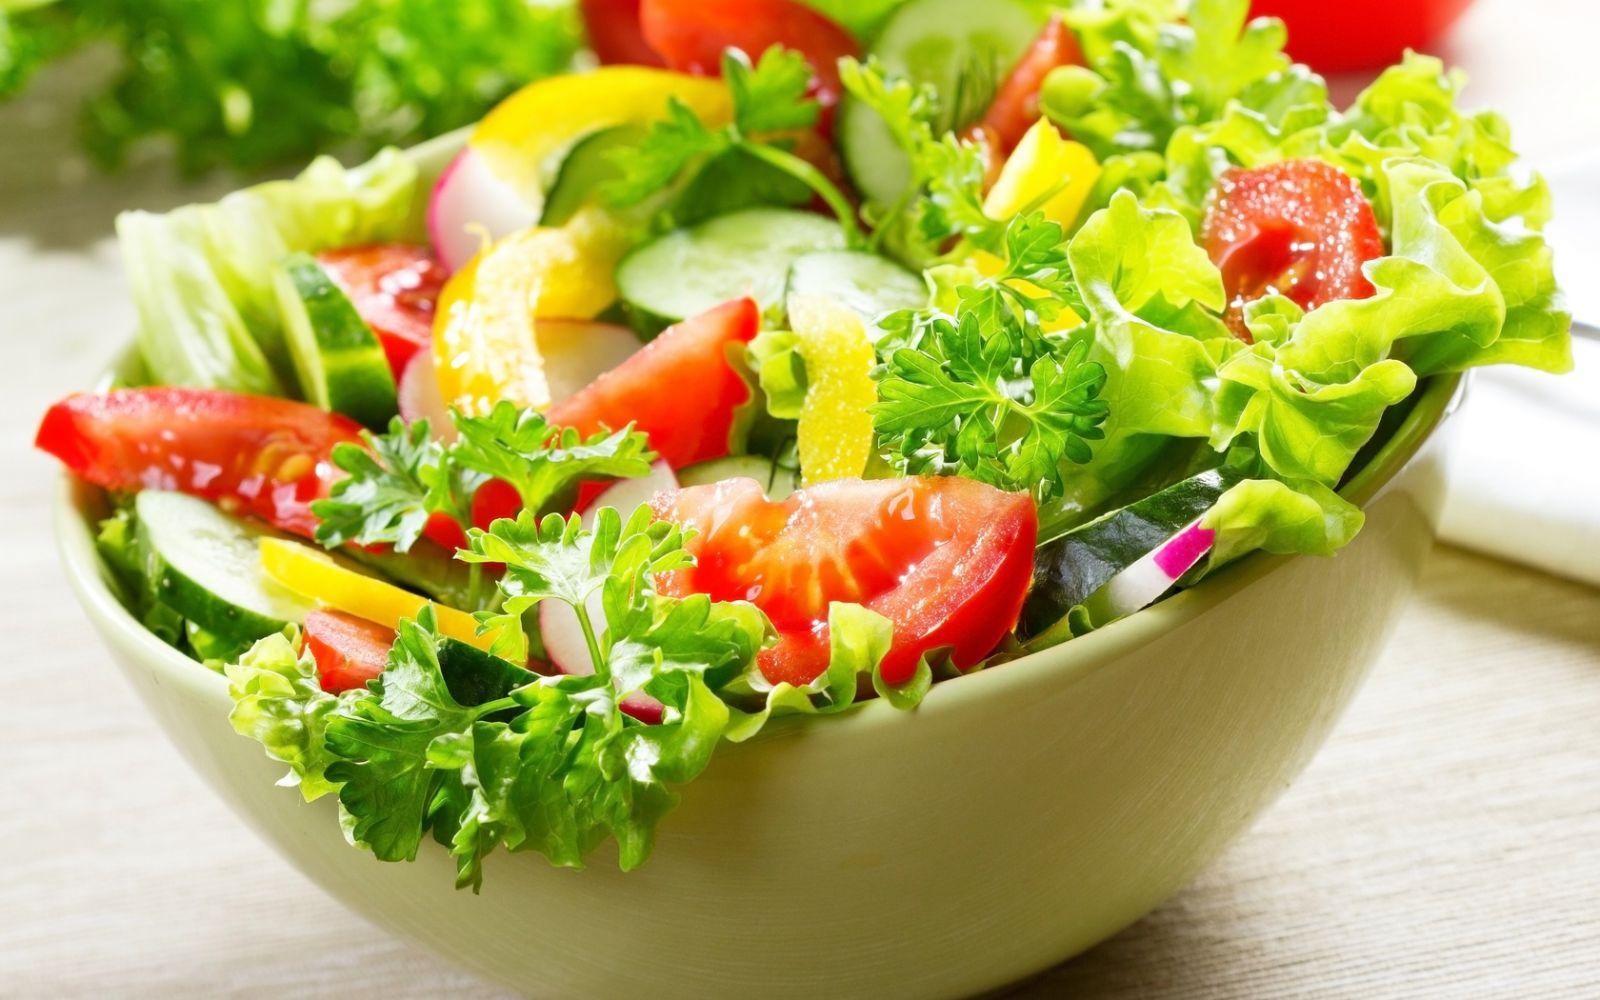 Những loại thực phẩm giúp tỉnh tảo hơn.